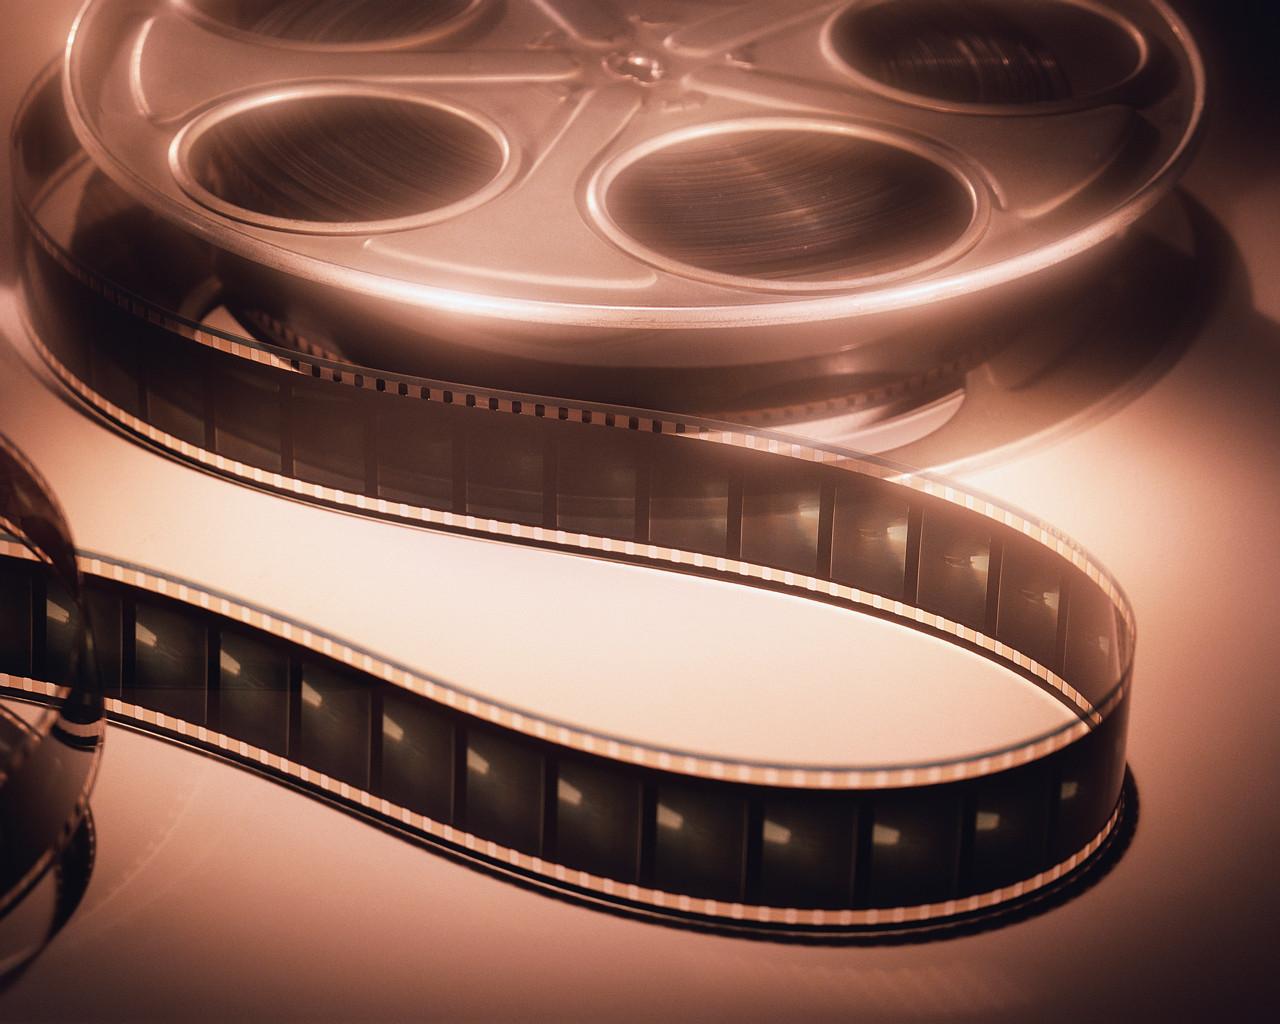 ԱՄՆ-ում ստեղծվել է նկարահանման ամենաբարձր հաճախականությամբ տեսախցիկն աշխարհում